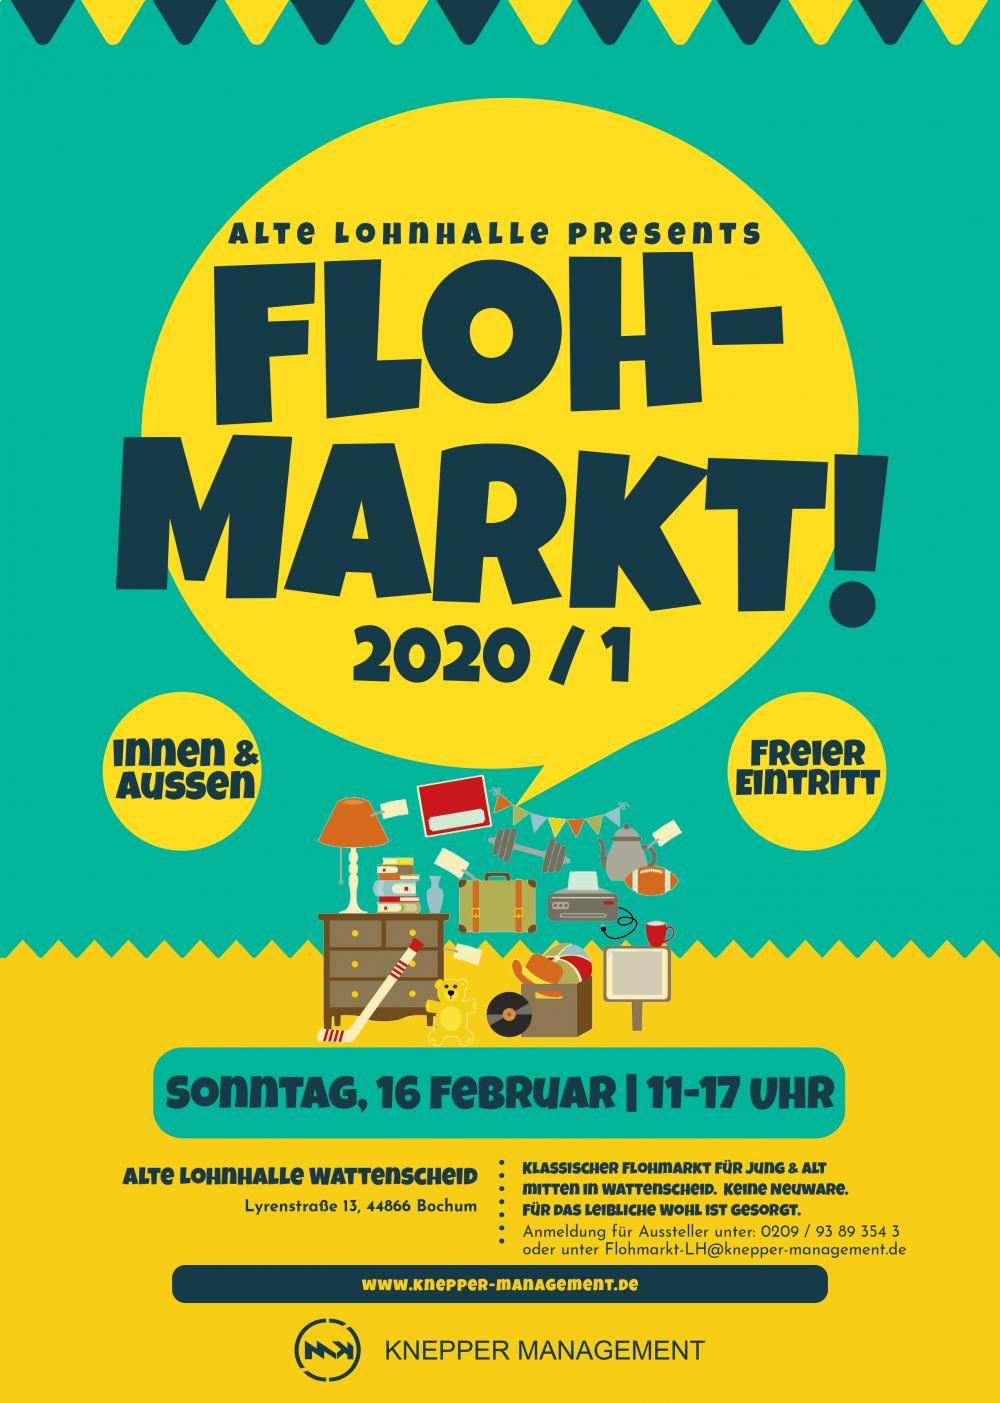 Knepper Management - Flohmarkt Premiere